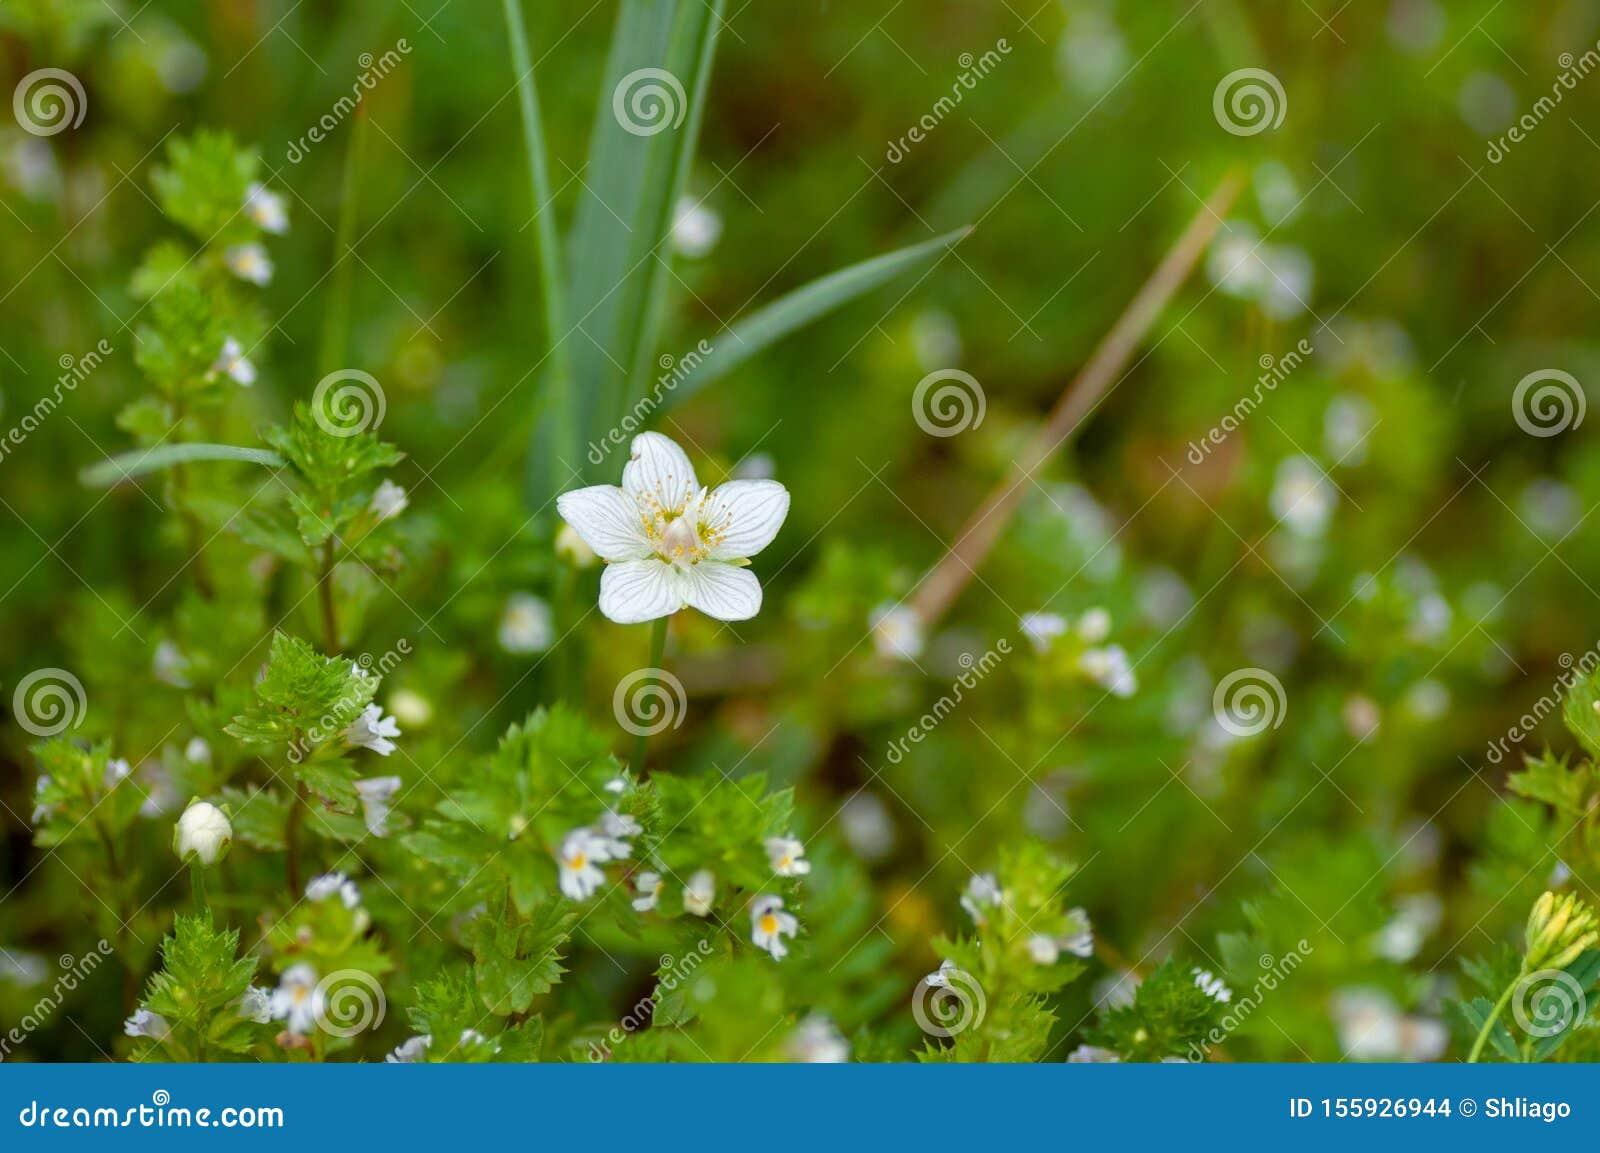 Cerastium lithospermifolium flowers on the mountain in Aktru valley. North-Chuiskiy Range. Altai Republic, Siberia